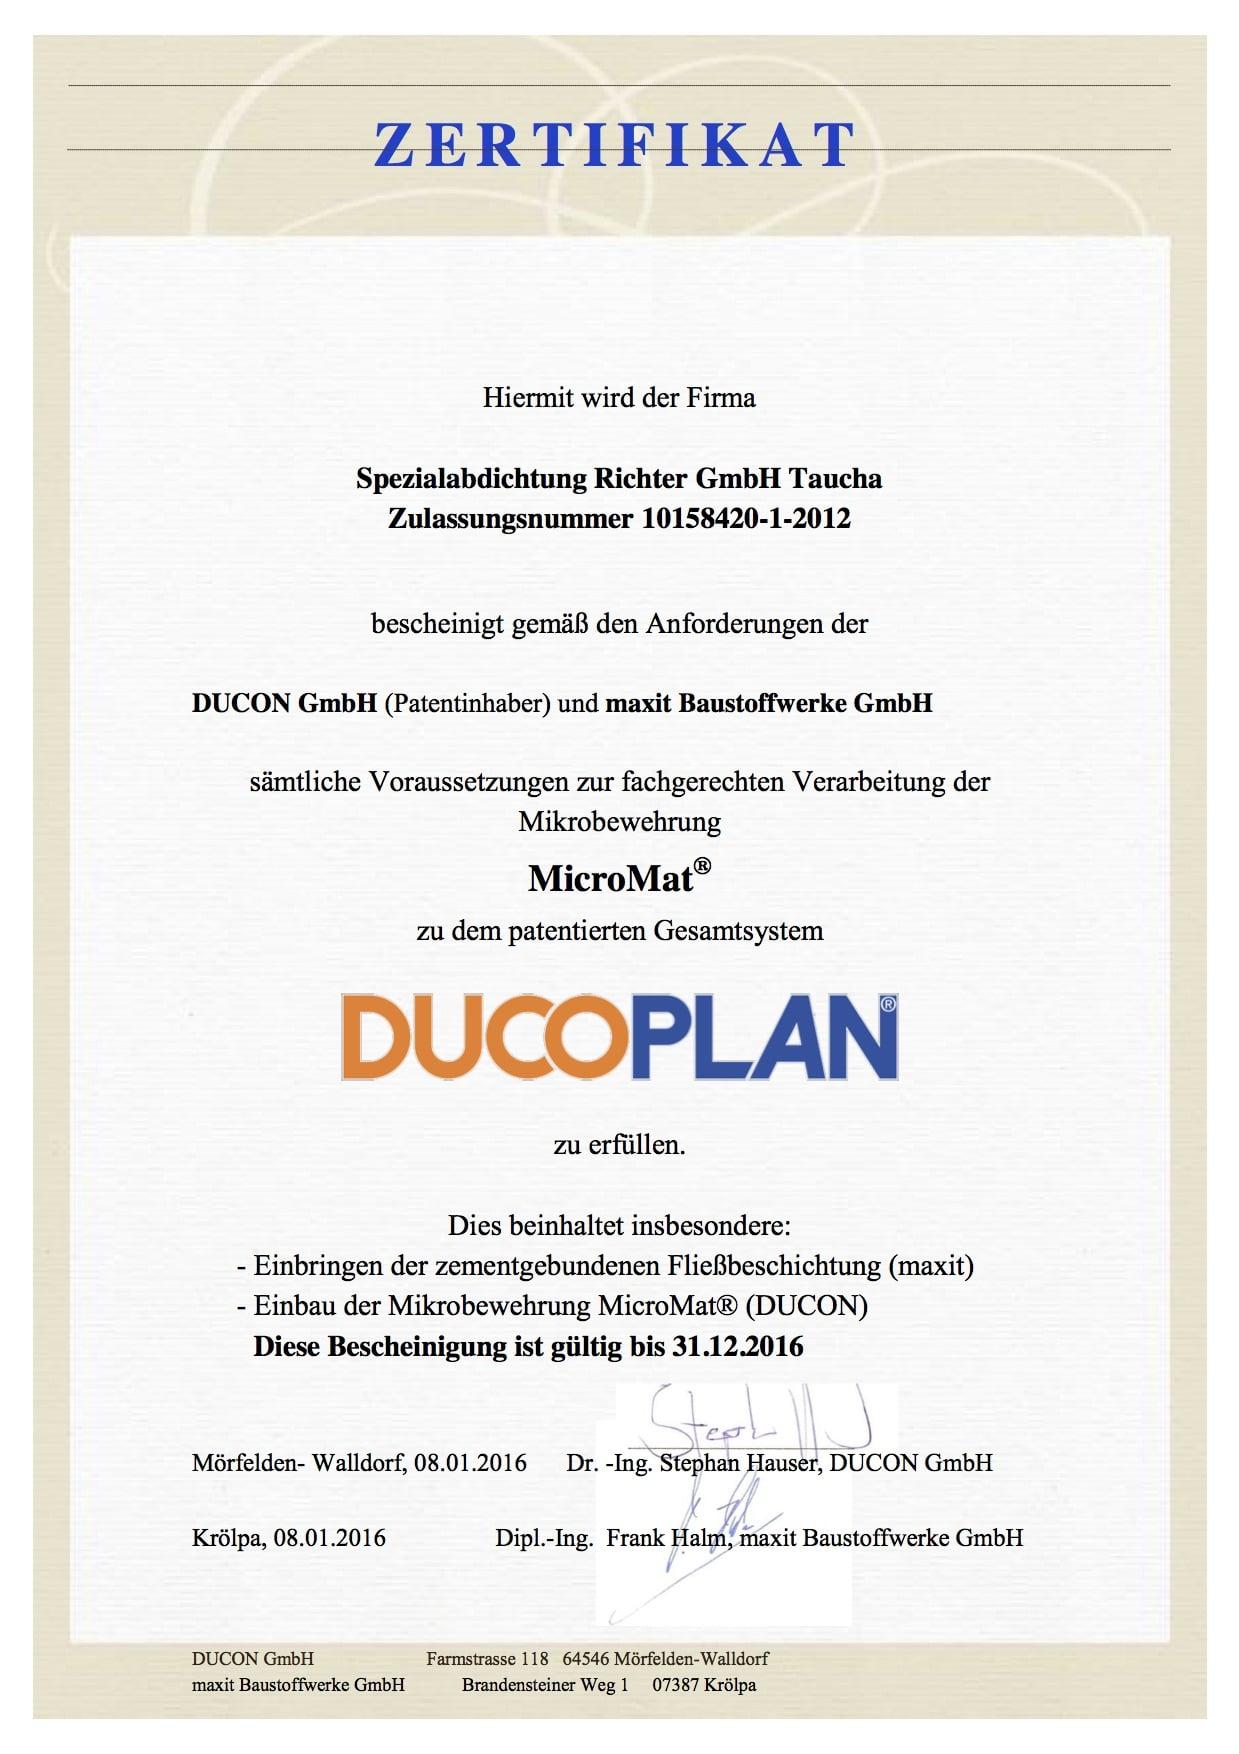 Zertifikat - DUCOPLAN 2016- SA Richter